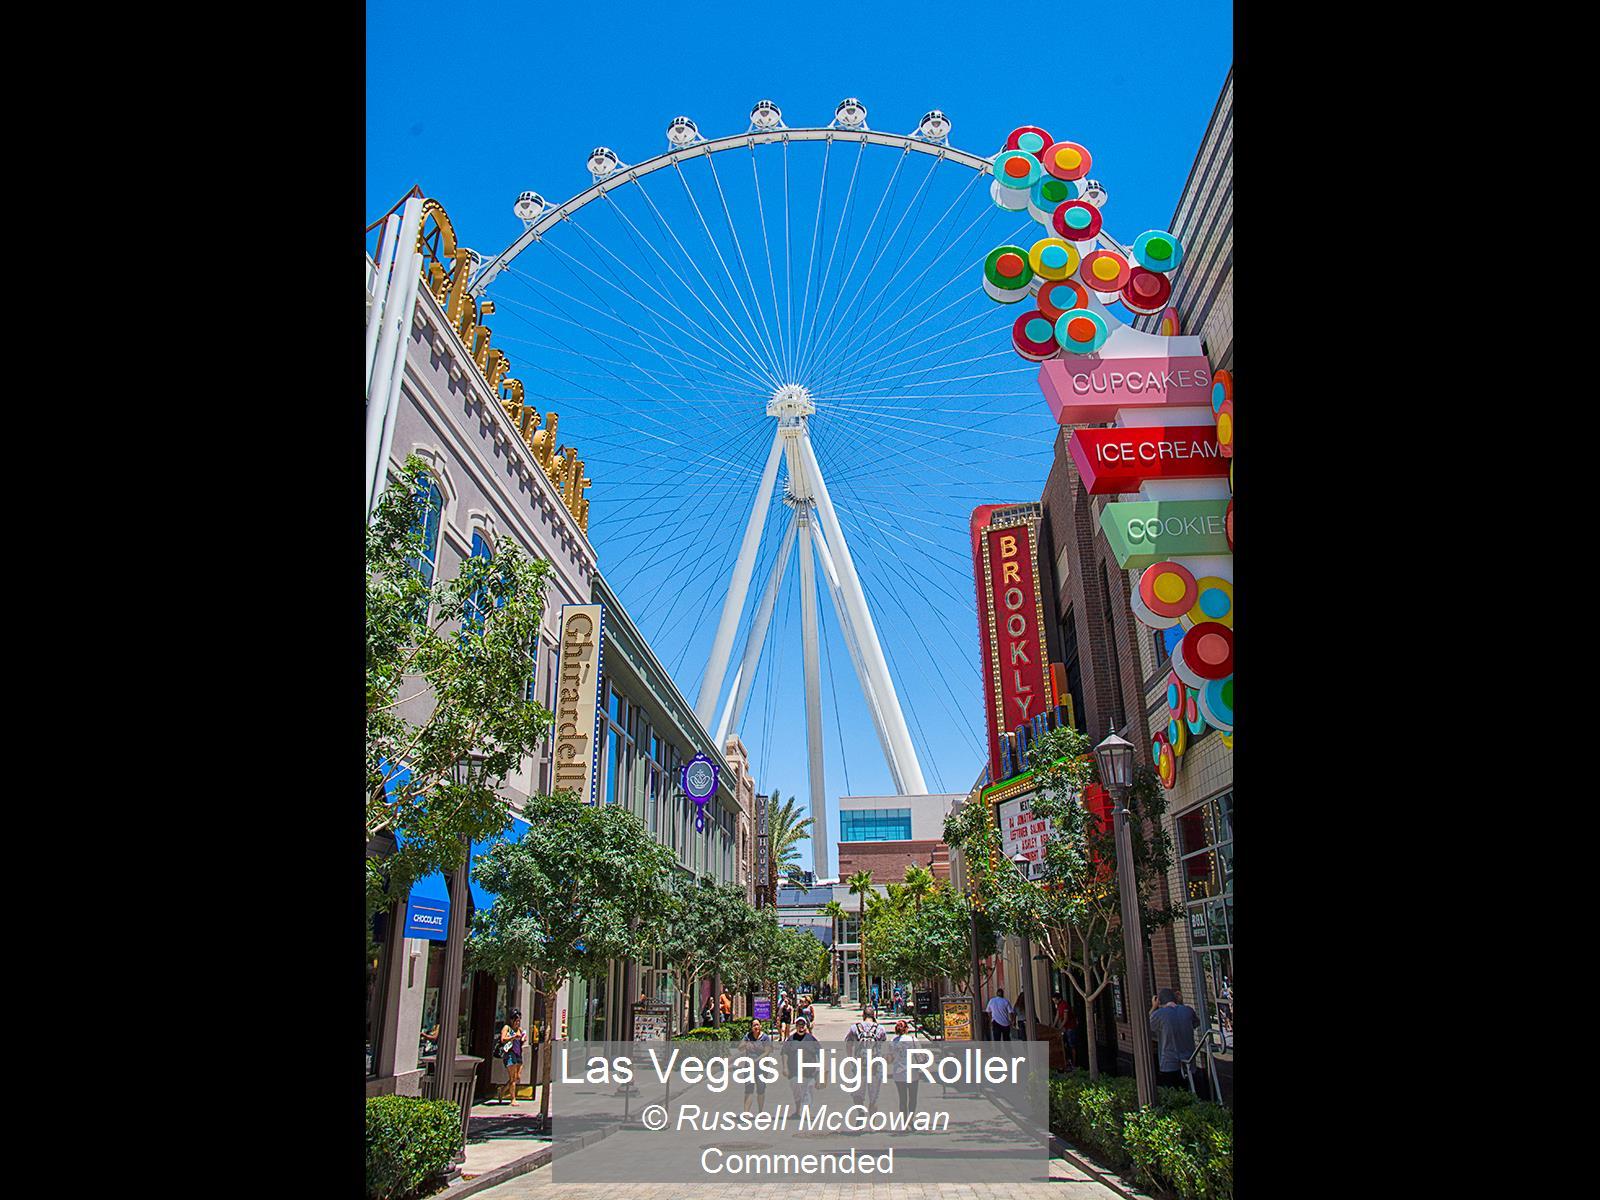 Russell McGowan_Las Vegas High Roller_Co